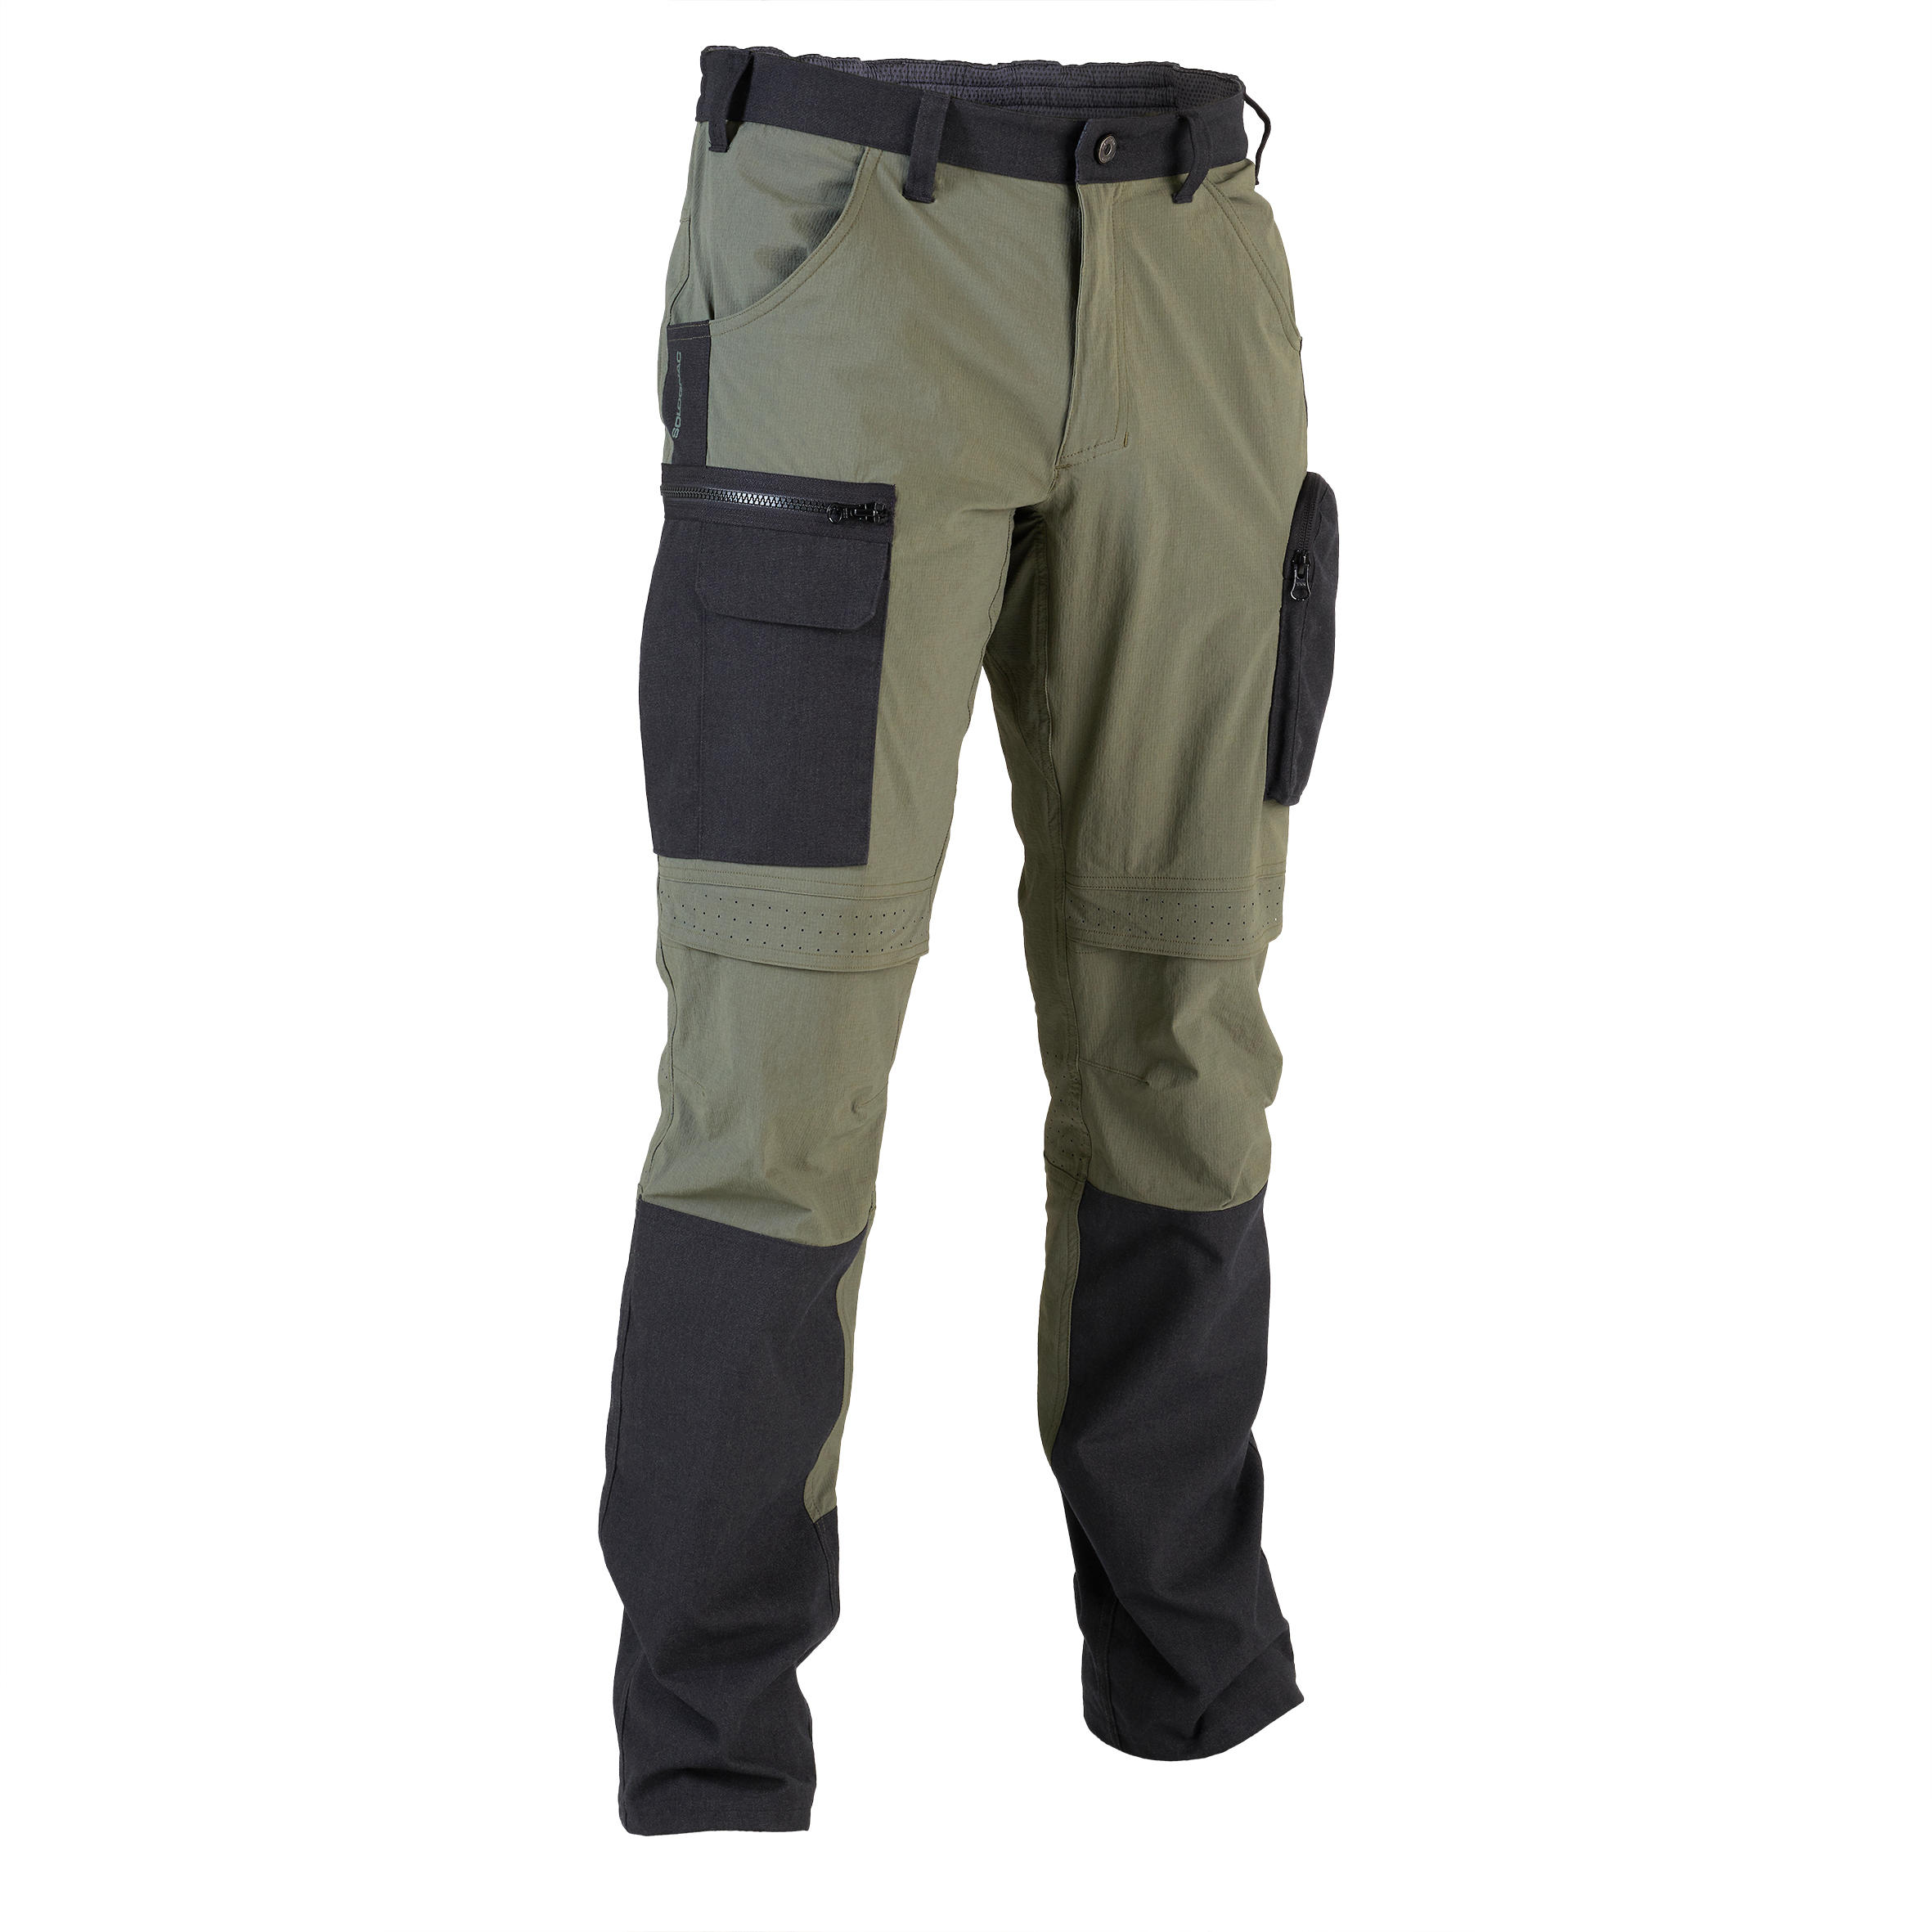 Pantalon 900 rezistent